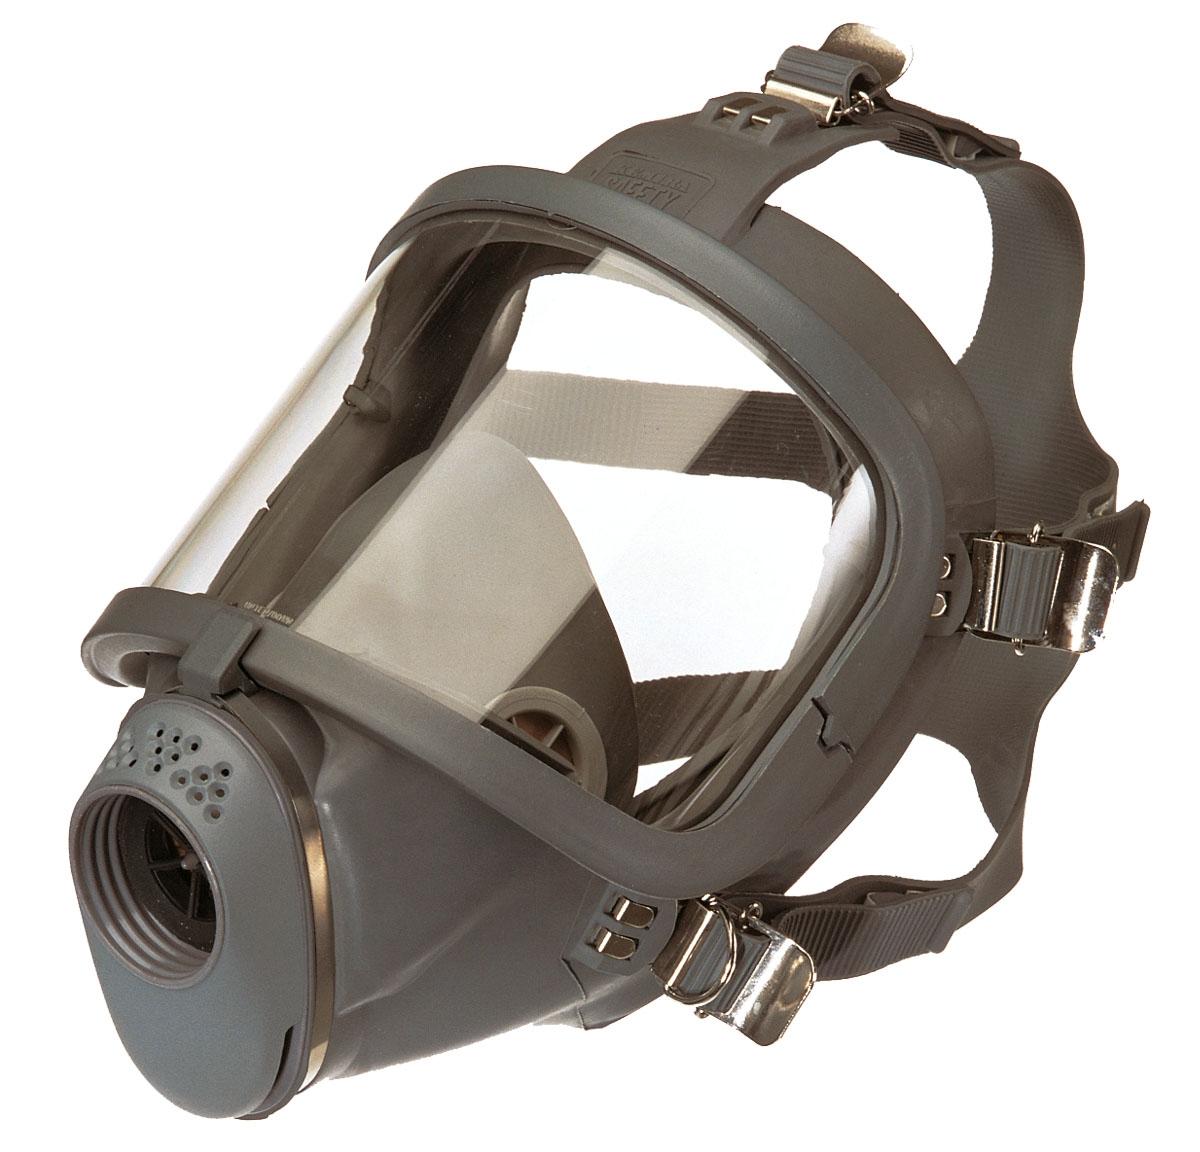 Masque complet panoramique SARI Scott Health & Safety